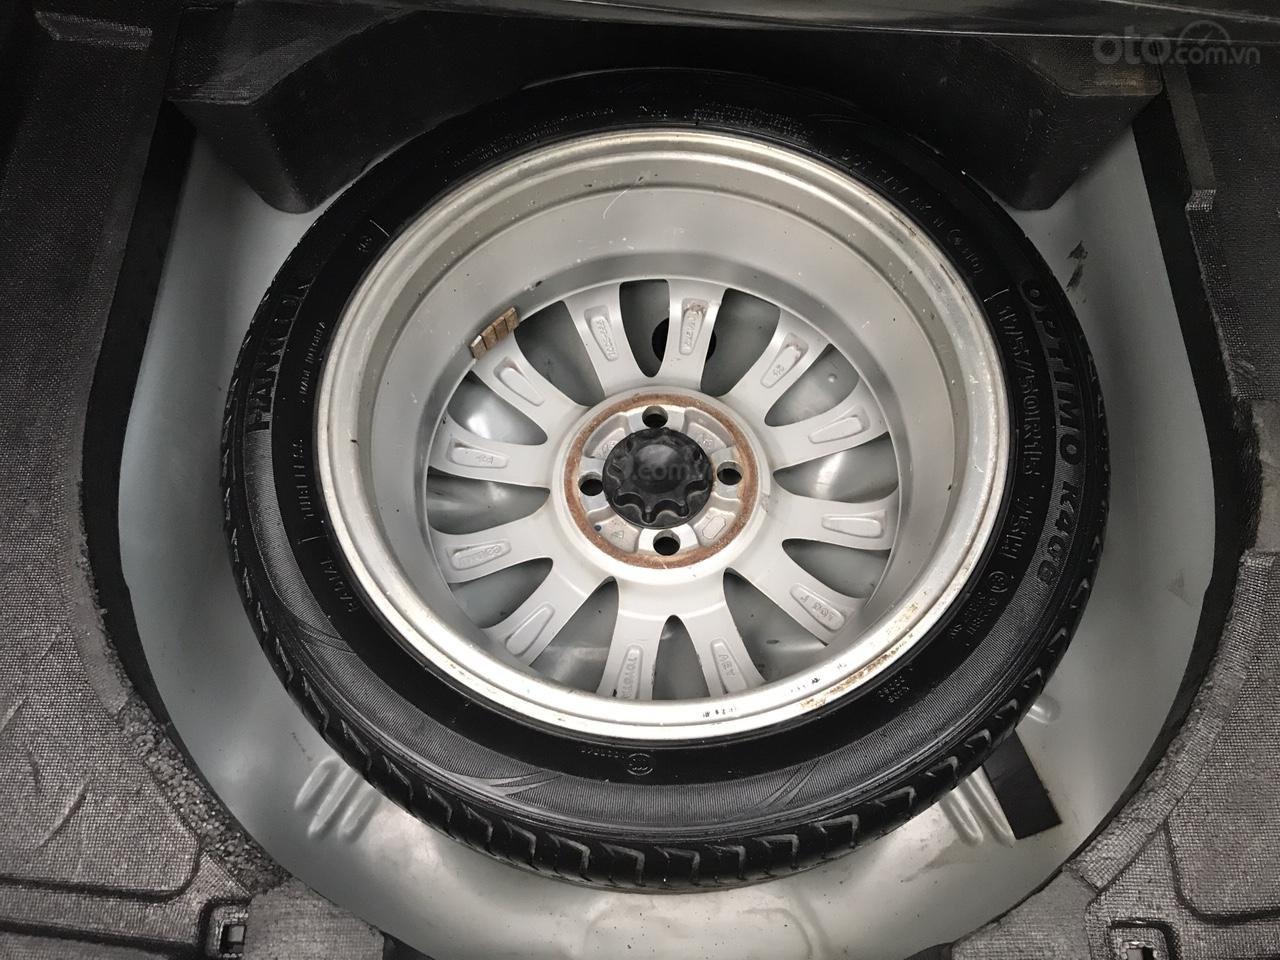 Bán Toyota Vios 1.5 E đời 2013, màu bạc, 380 triệu. Nói không với Limo taxi-23